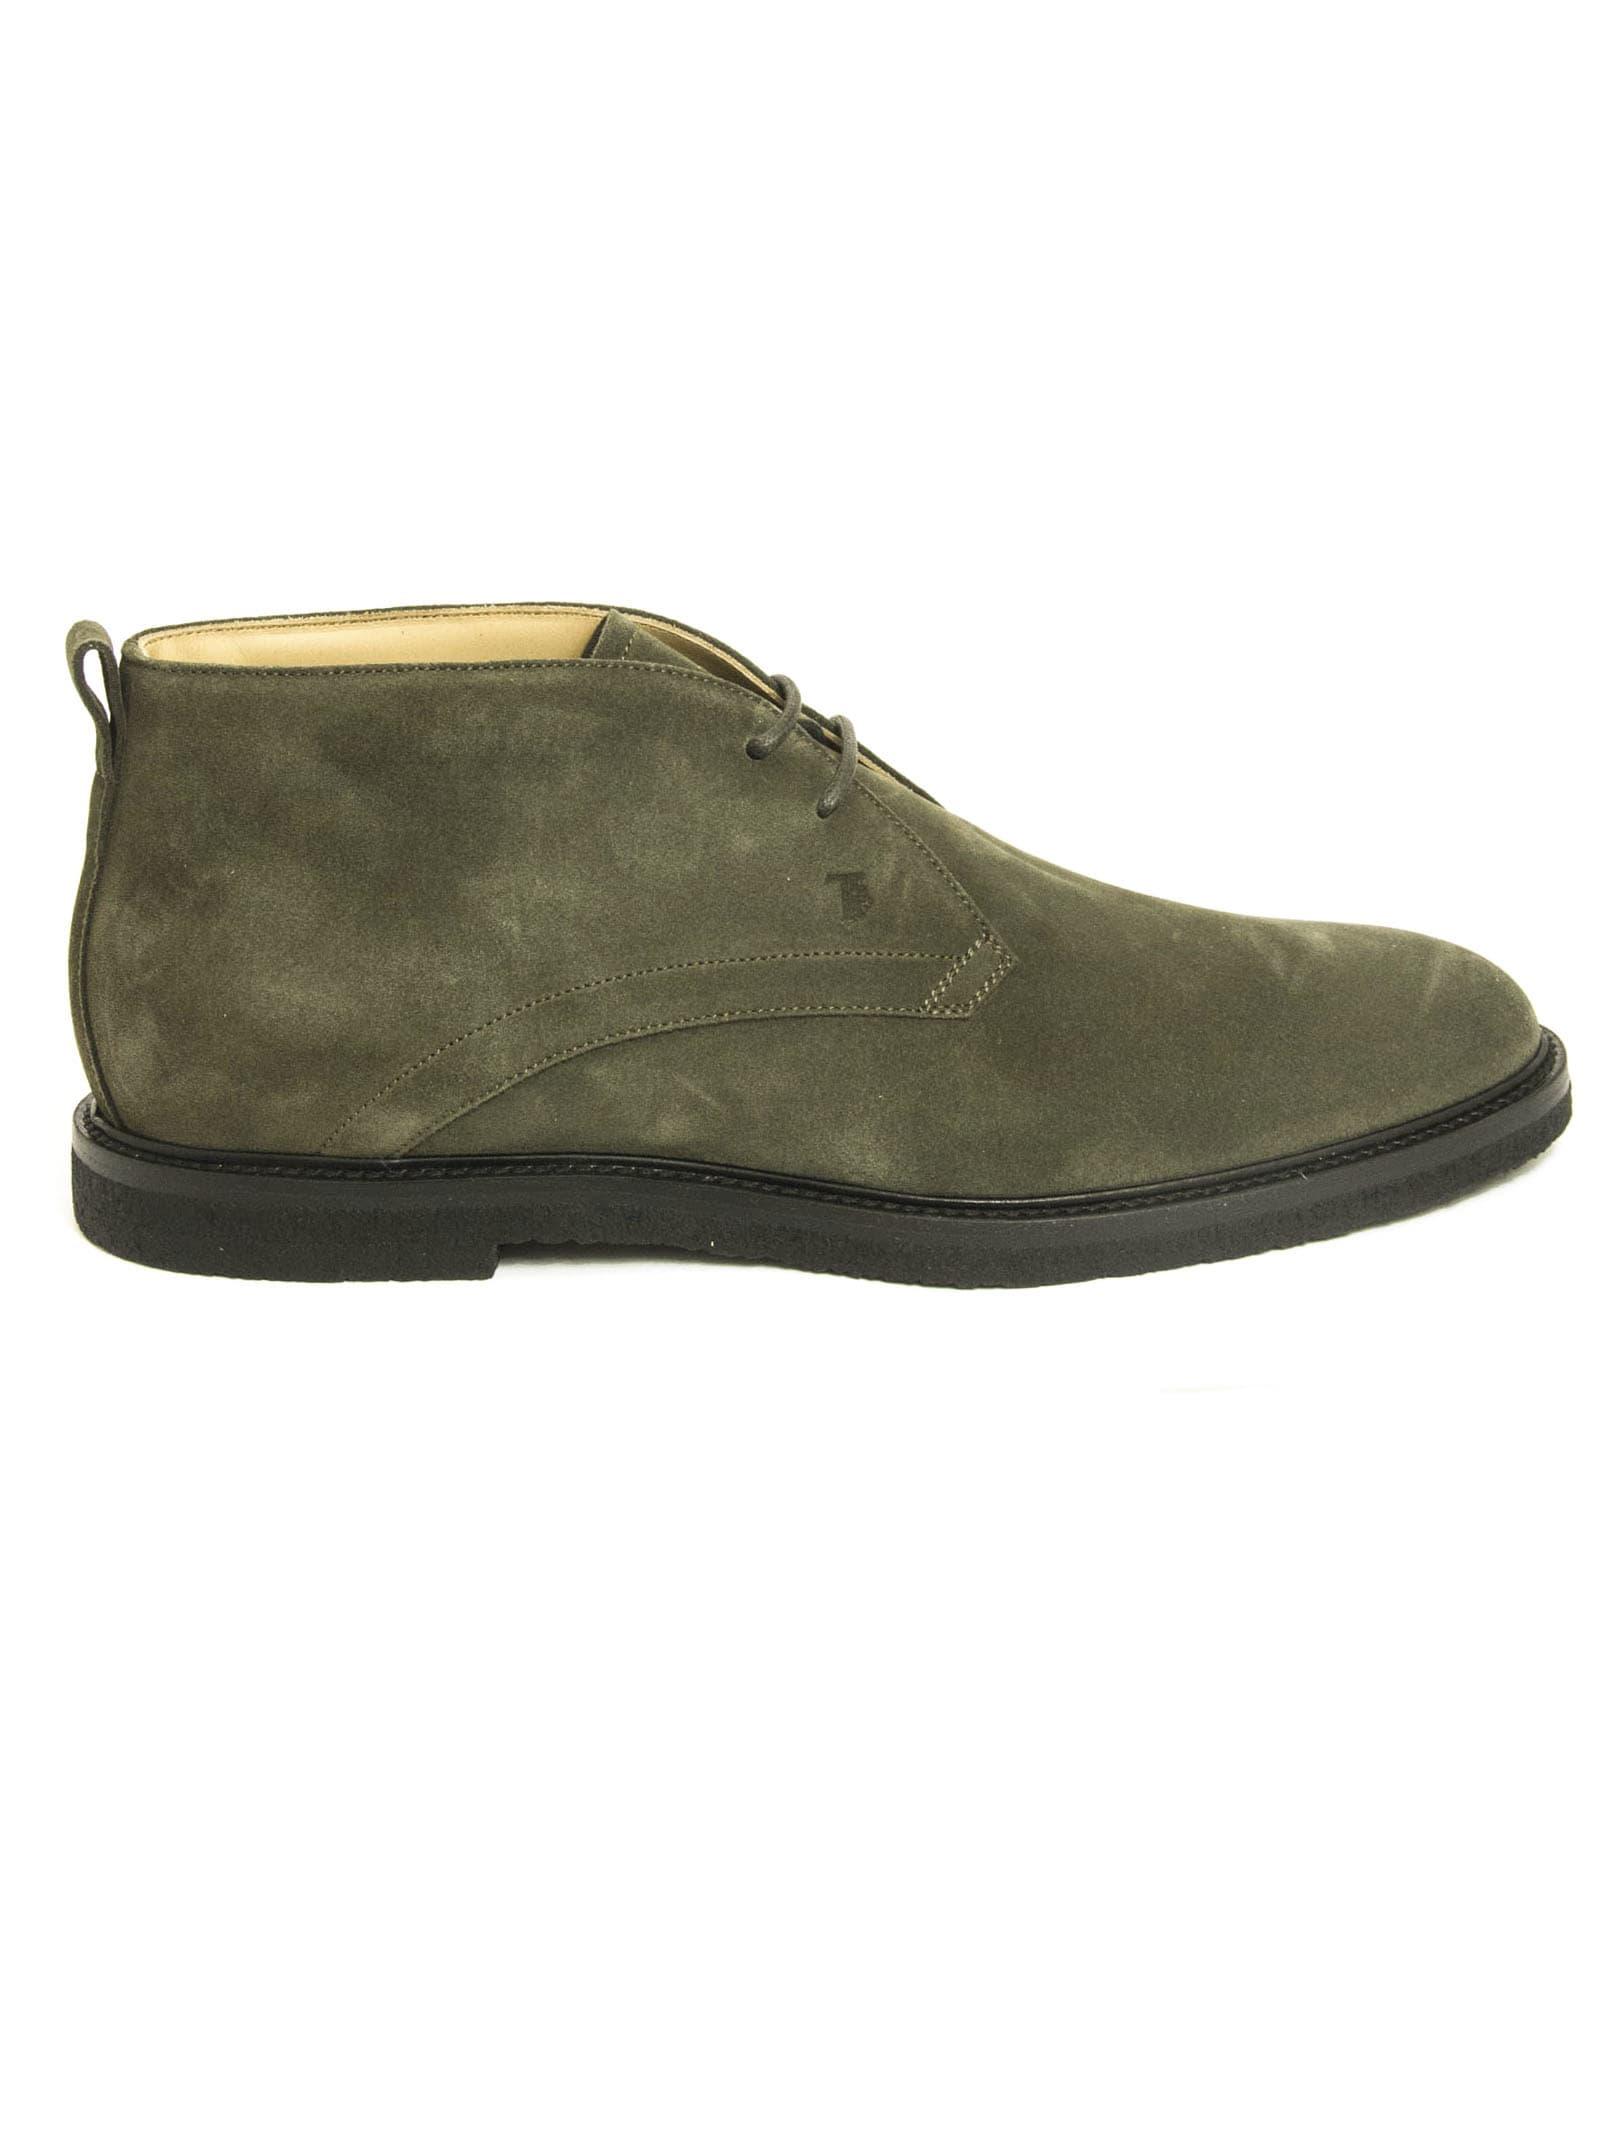 Tods Desert Boots In Grey Suede